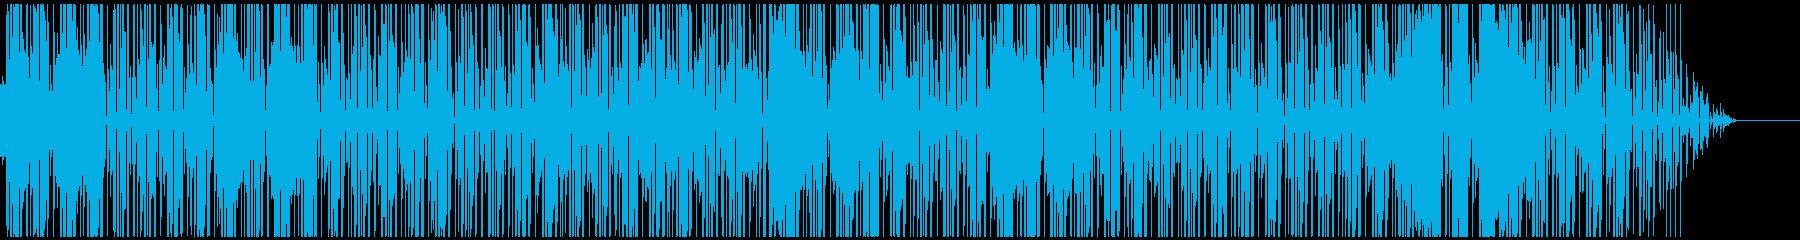 ファンキーなサックス、カッティングギターの再生済みの波形